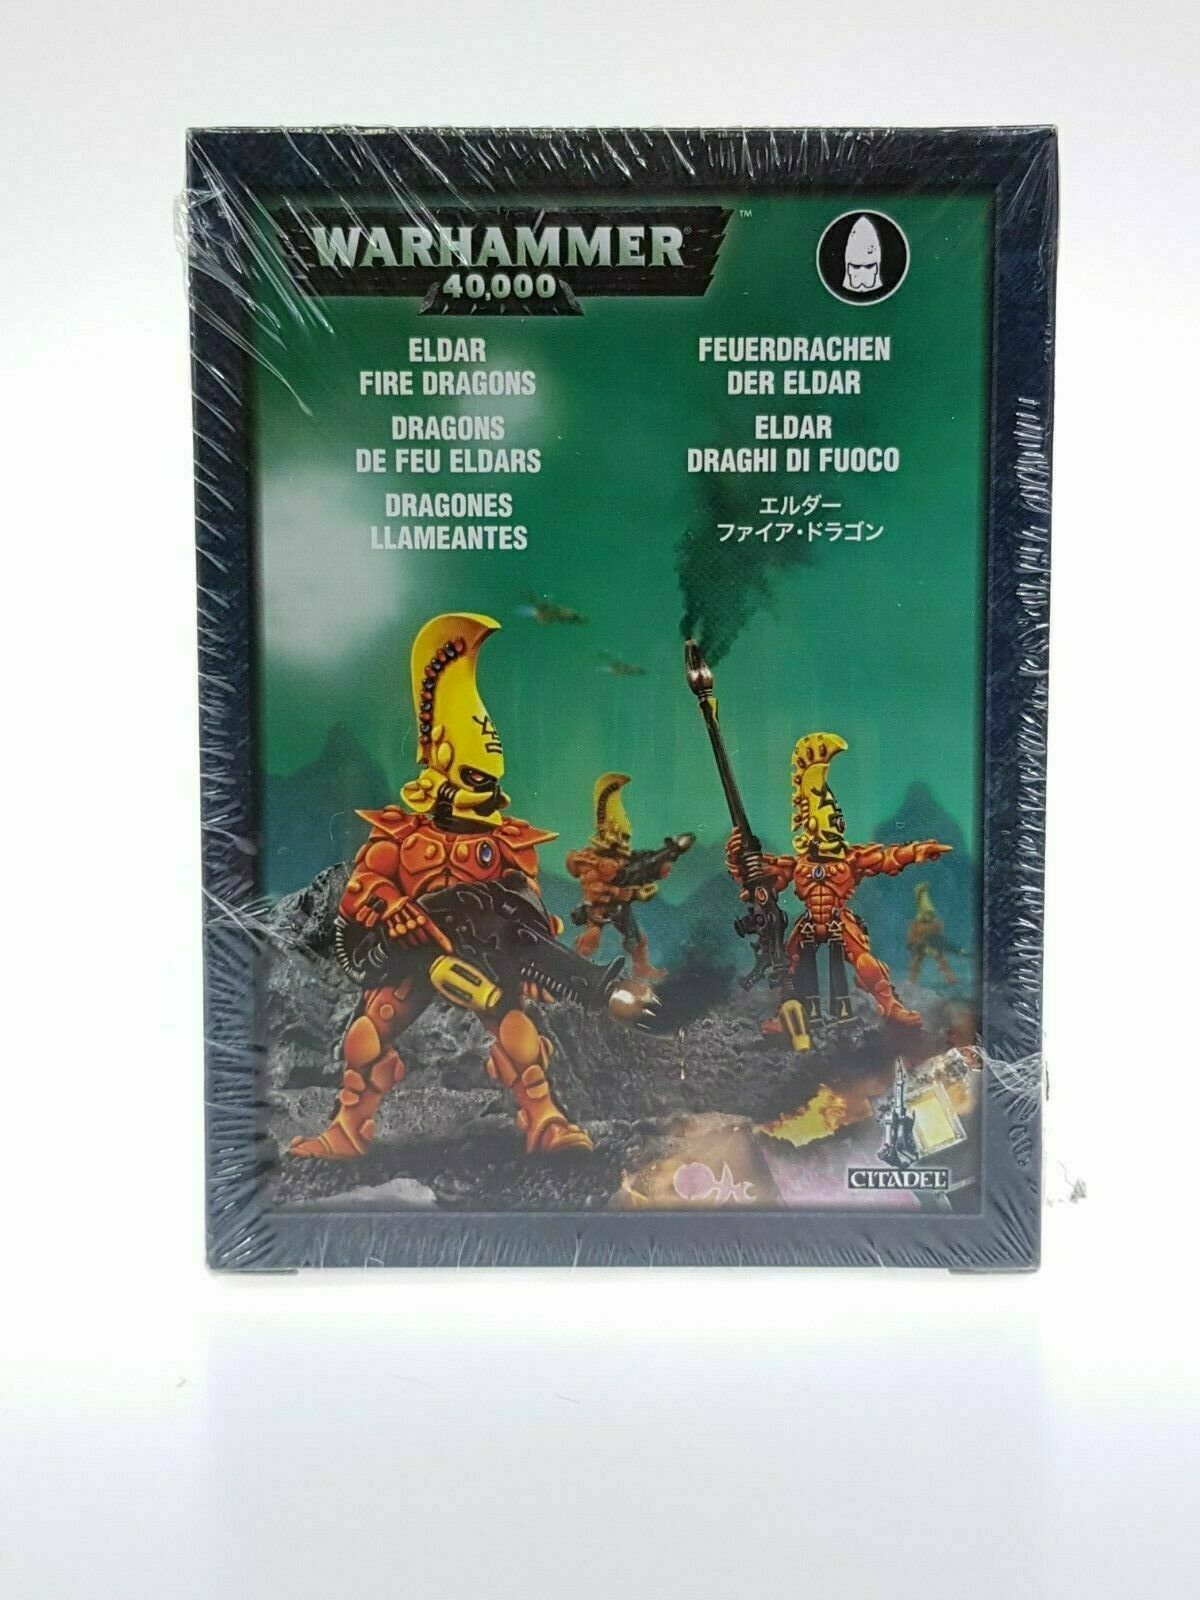 Spel arbetarhop Warhammer 40k Eldar Fire drakes Squad Metal BNIB Ny förseglad OOP